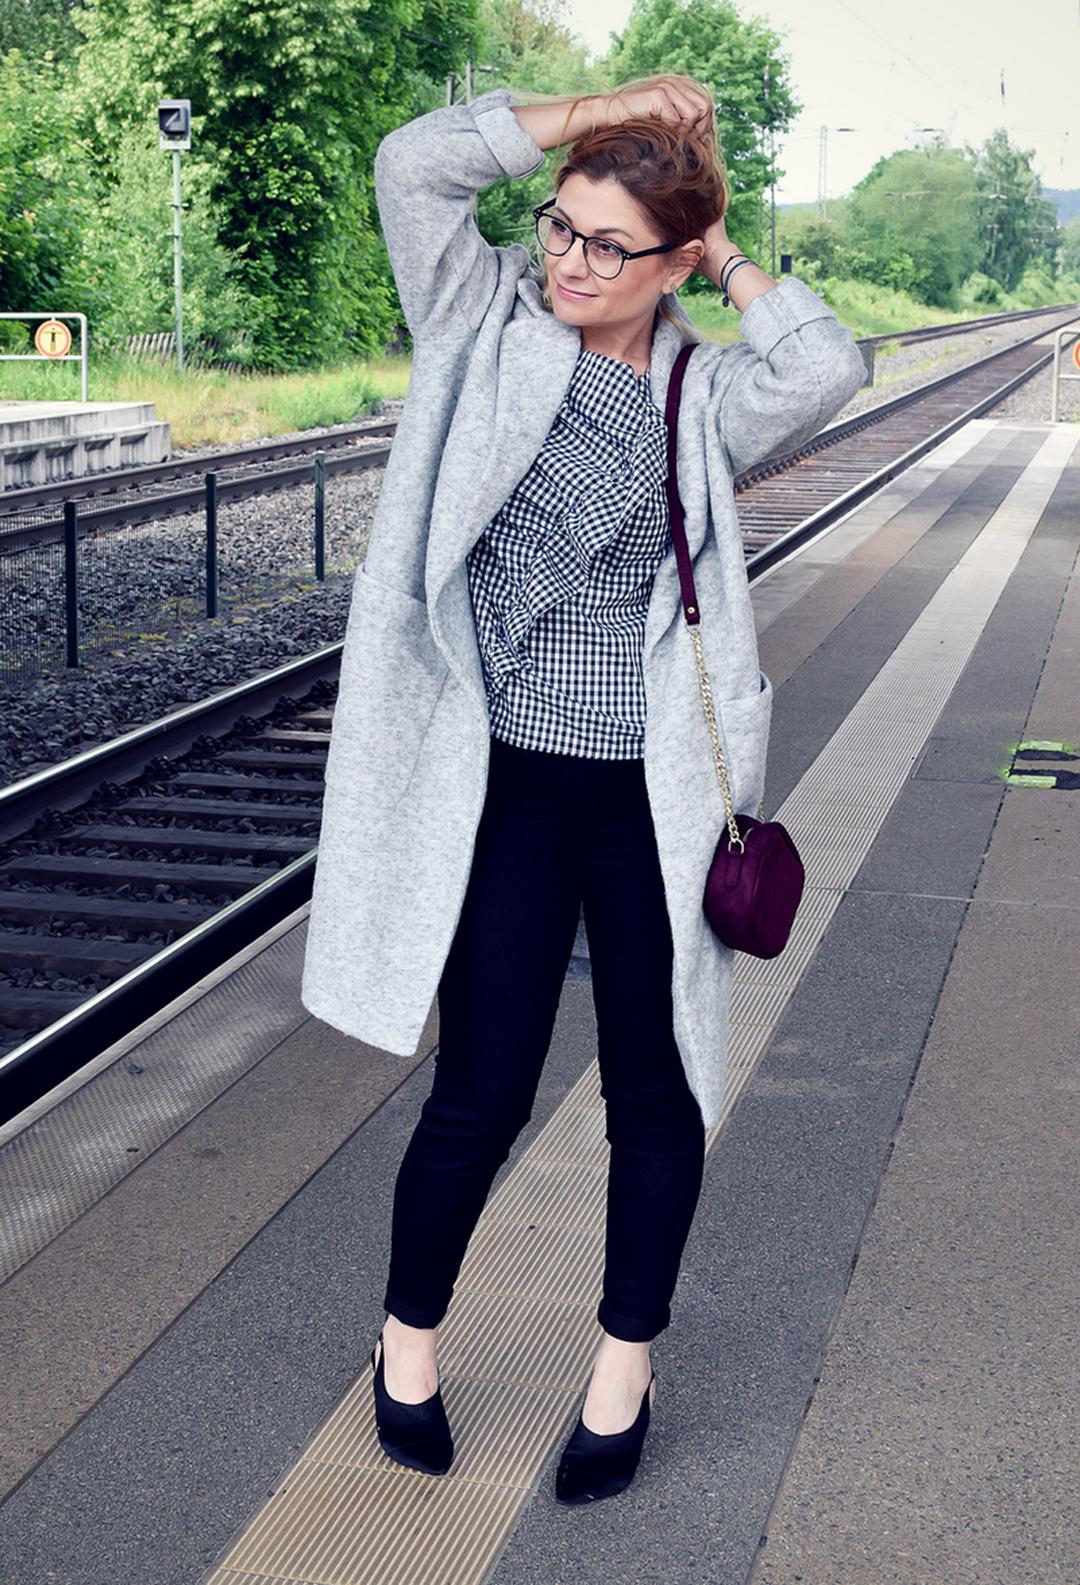 Modetipps für Frauen über 40, Styling Tipps für Frauen Ü30 und Ü40